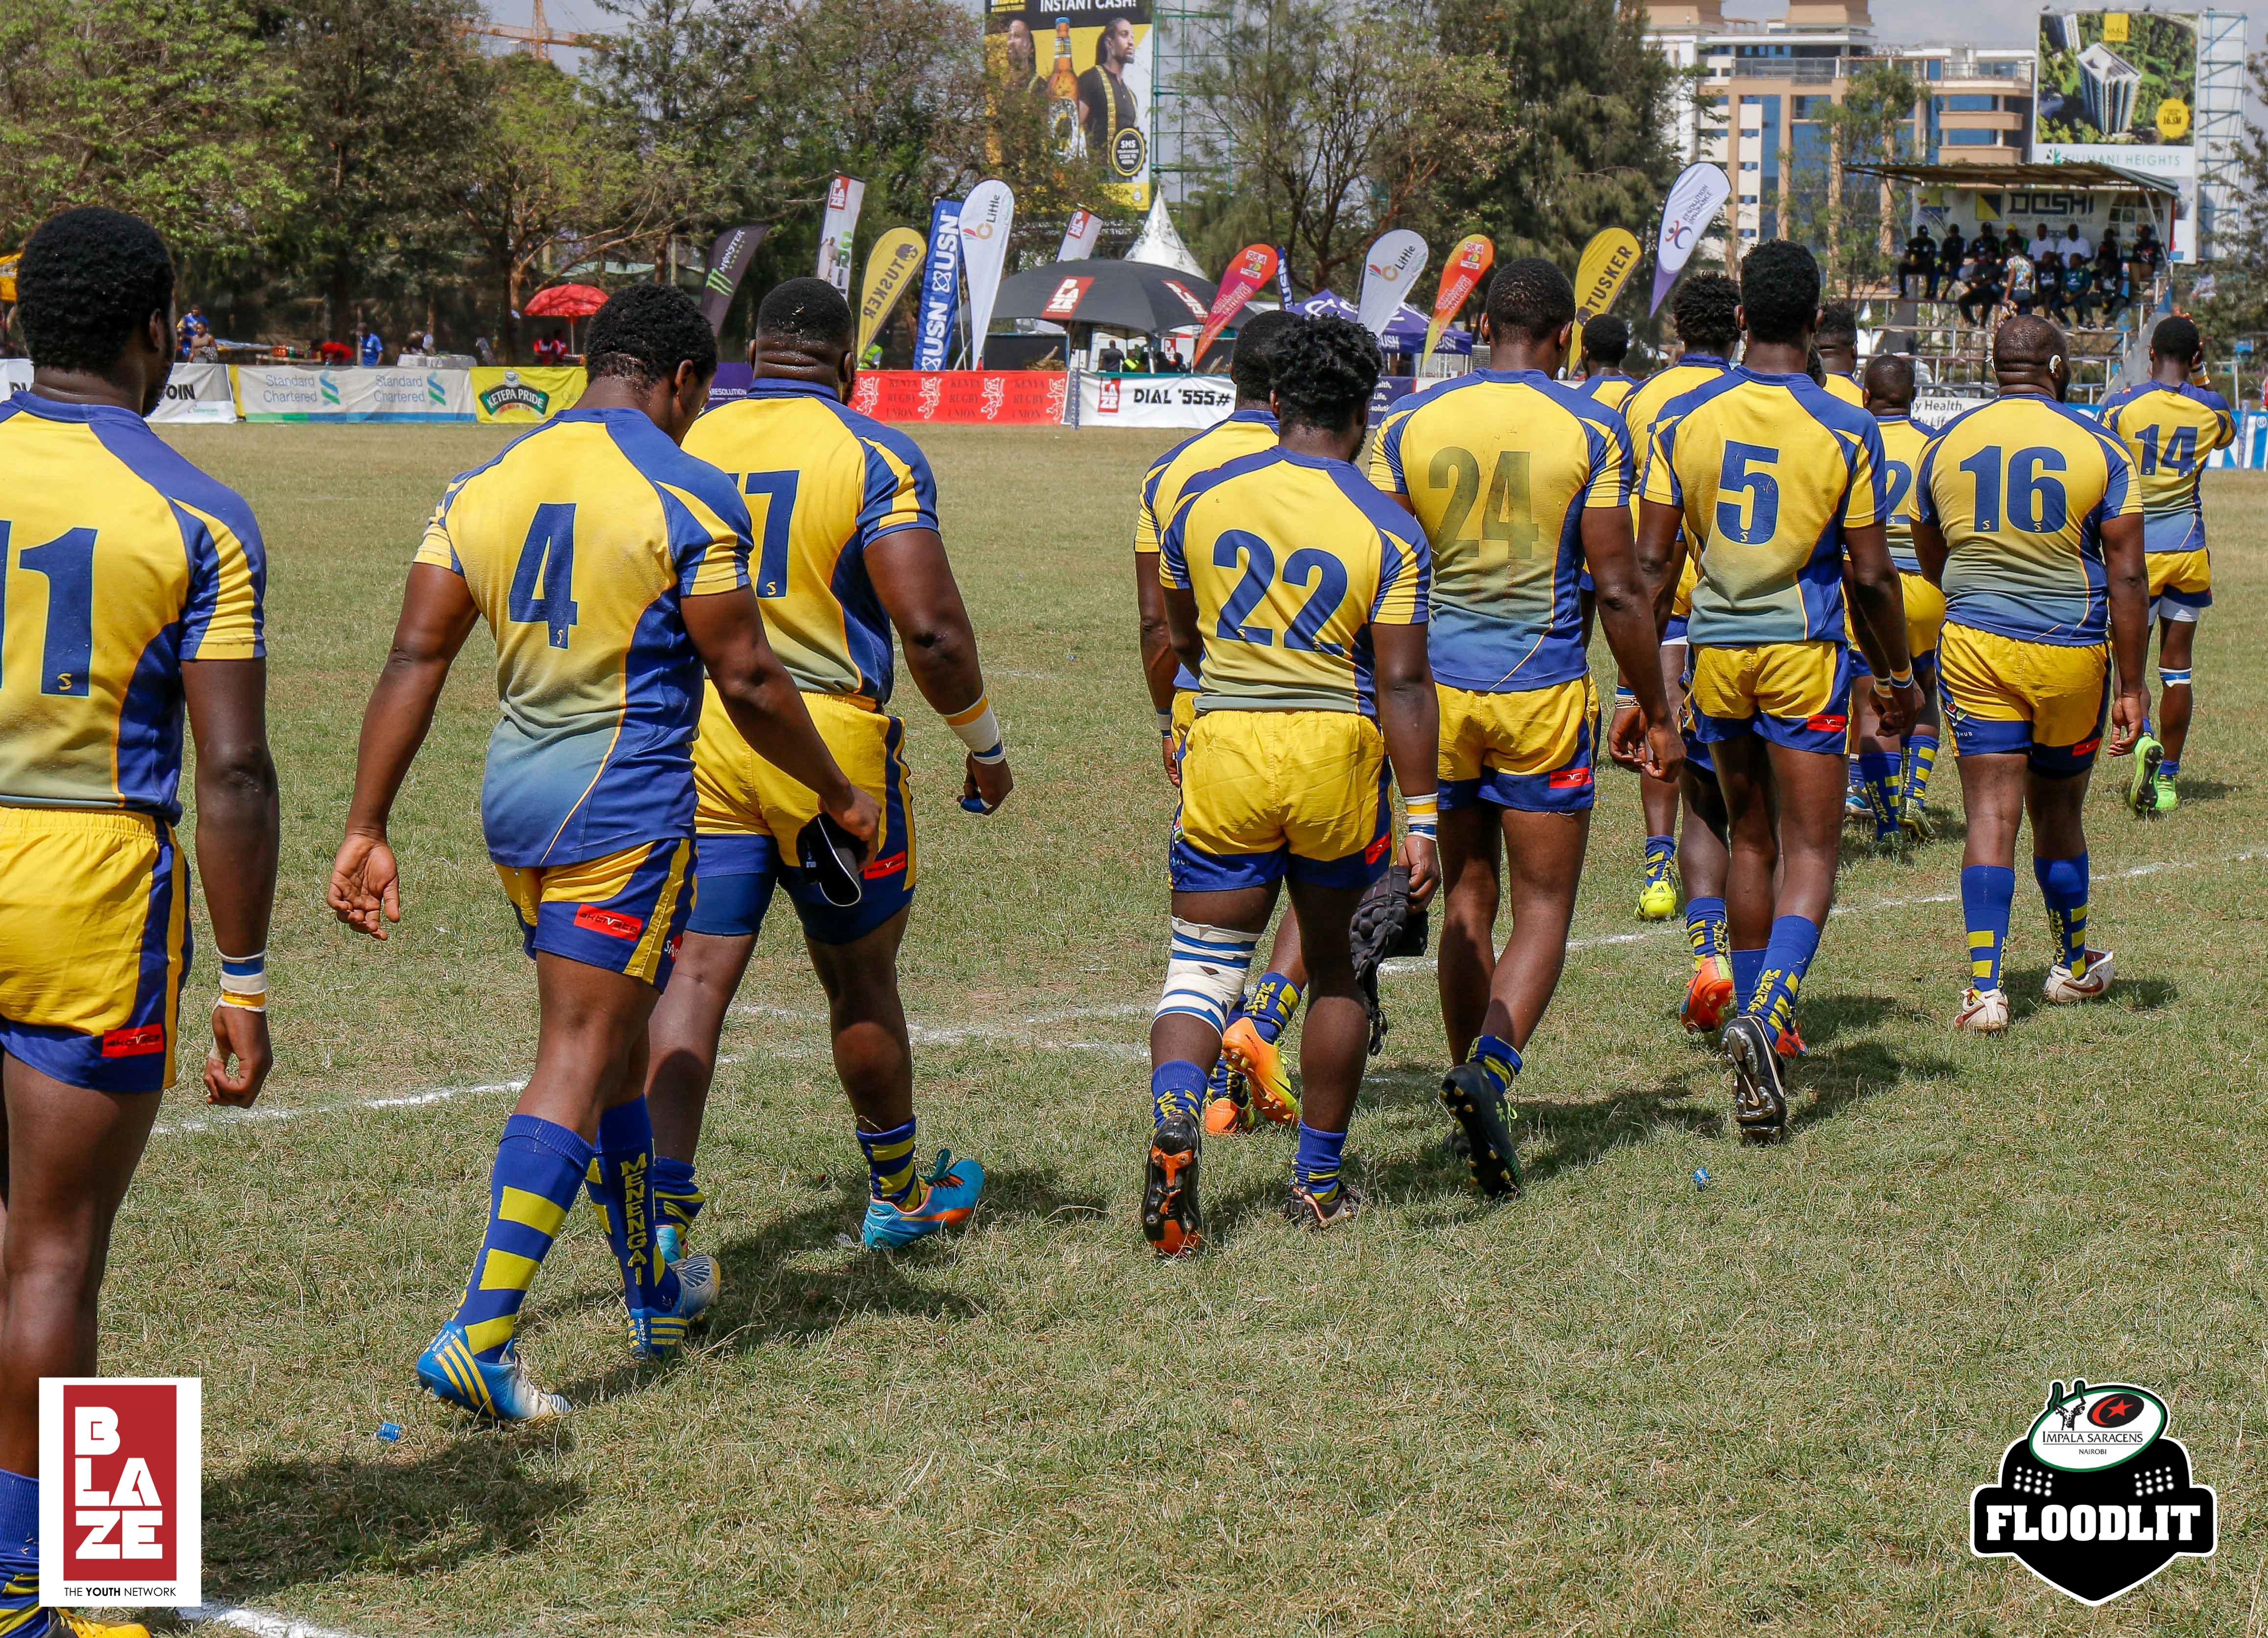 impala rugby floodlit editeds 2-50